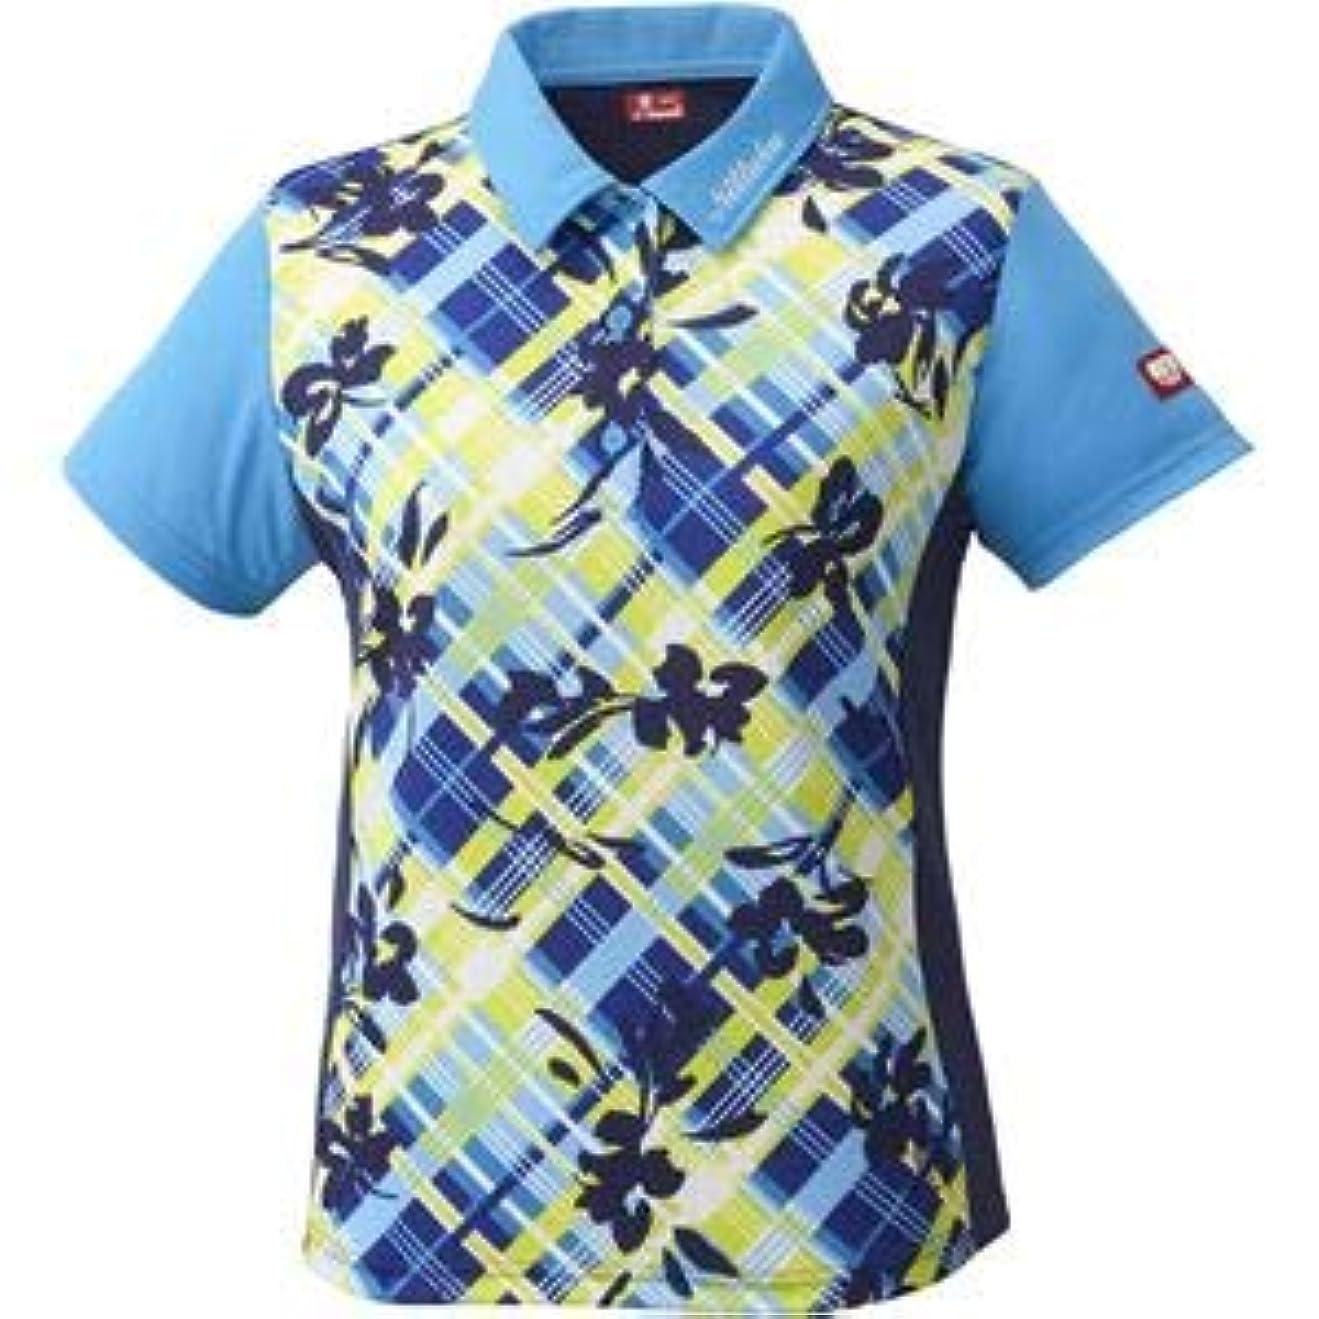 気づかない器官テロリストニッタク(Nittaku)卓球アパレル FURACHECKS SHIRT(フラチェックスシャツ)ゲームシャツ(レディース)NW2181 ブルー L